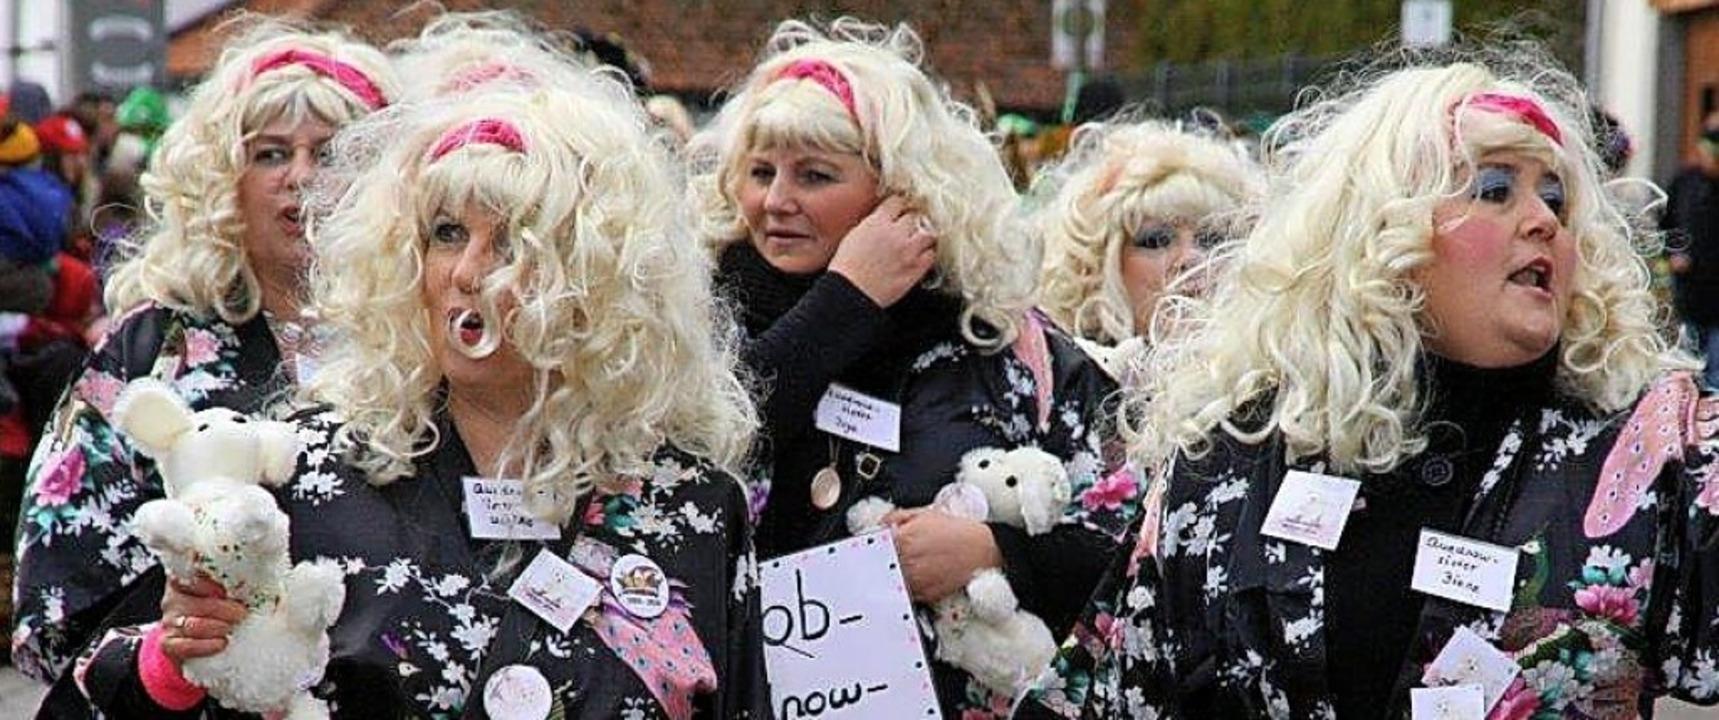 Die Quednow-Sisters bekamen Zuwachs.